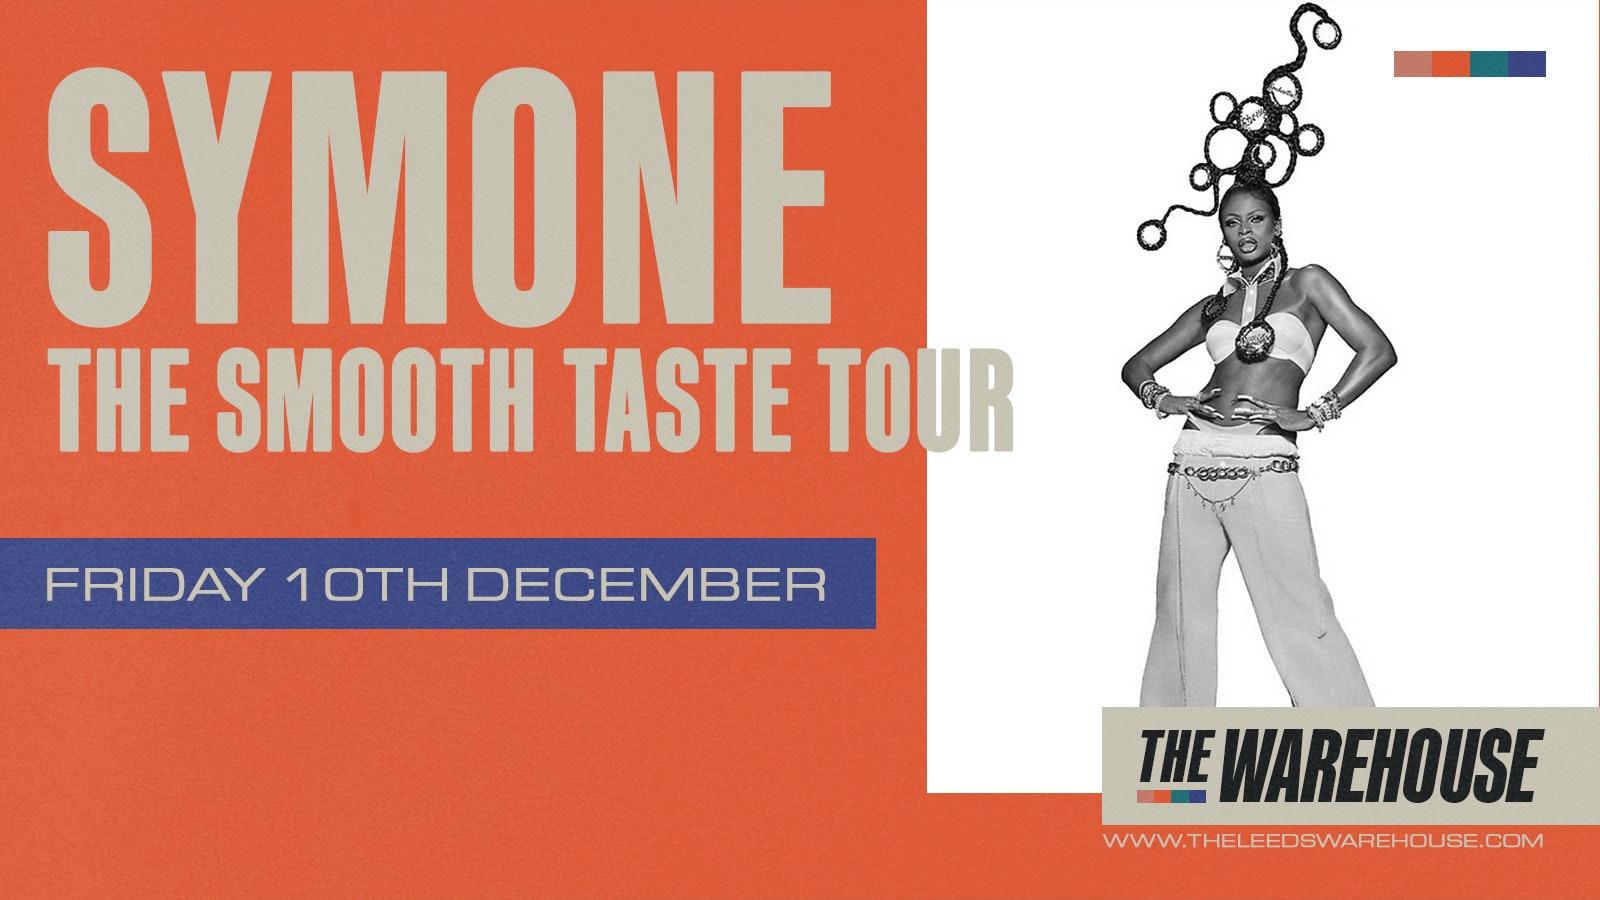 Symone – The Smooth Taste Tour